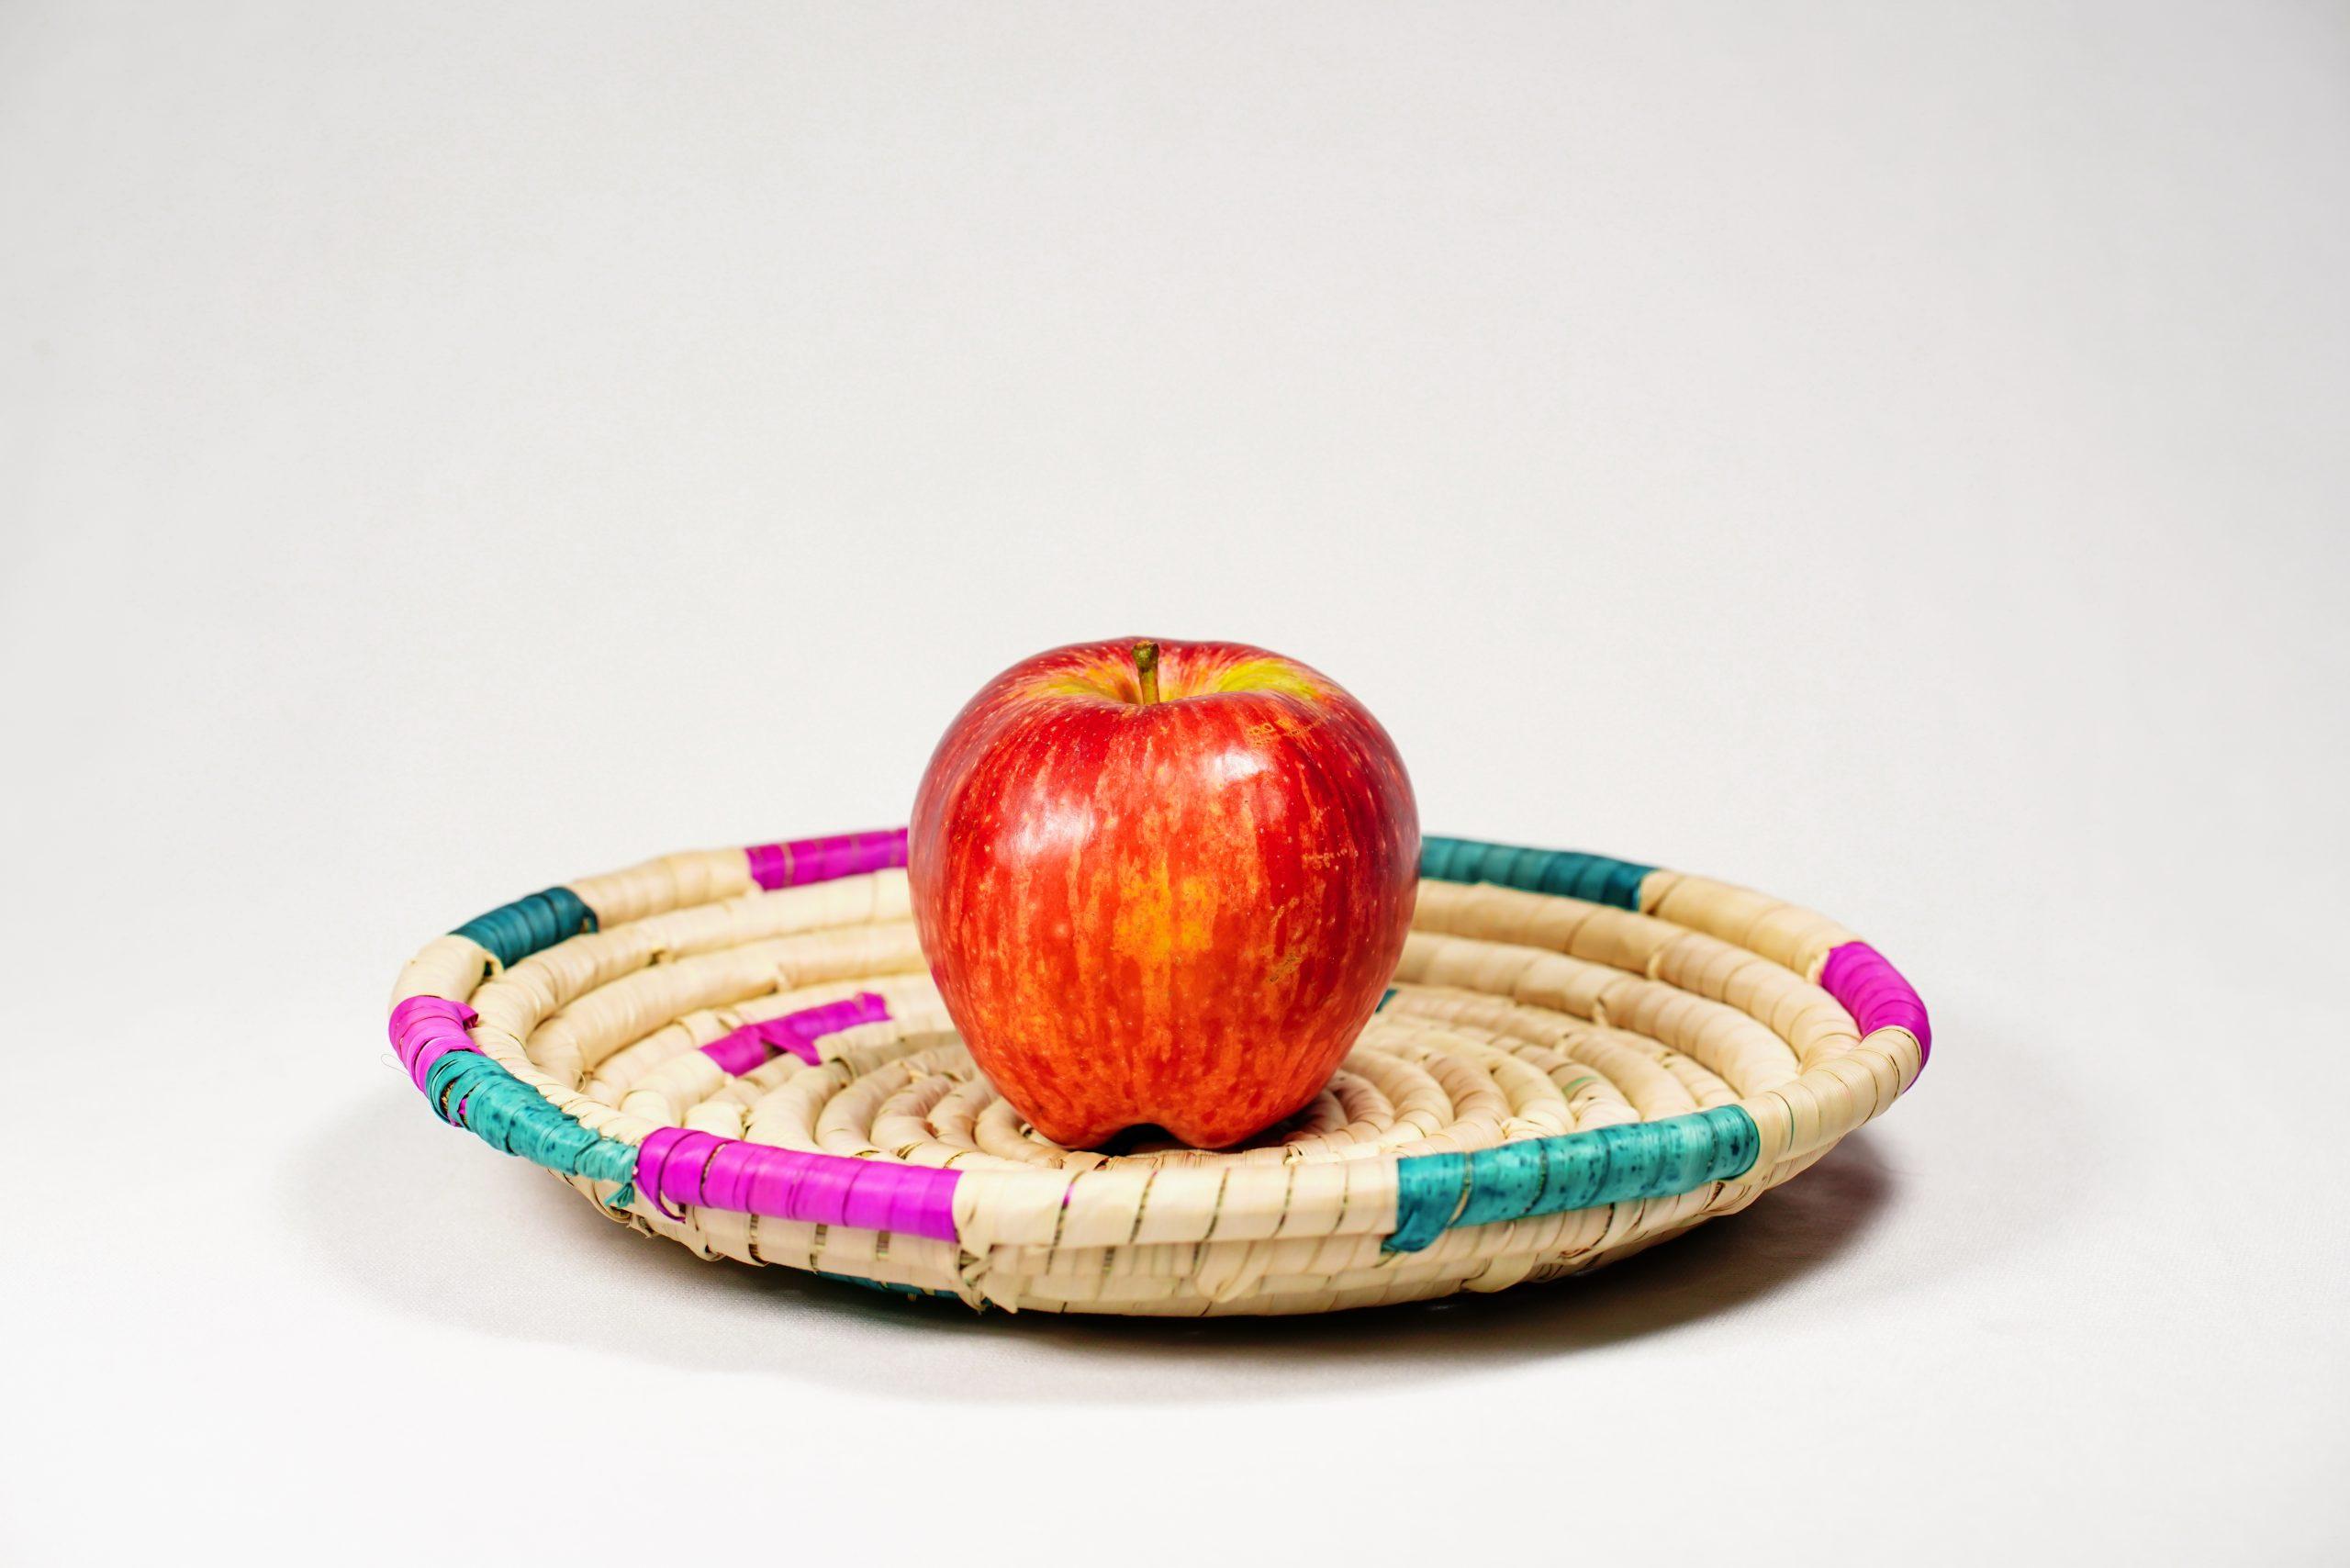 An apple in basket